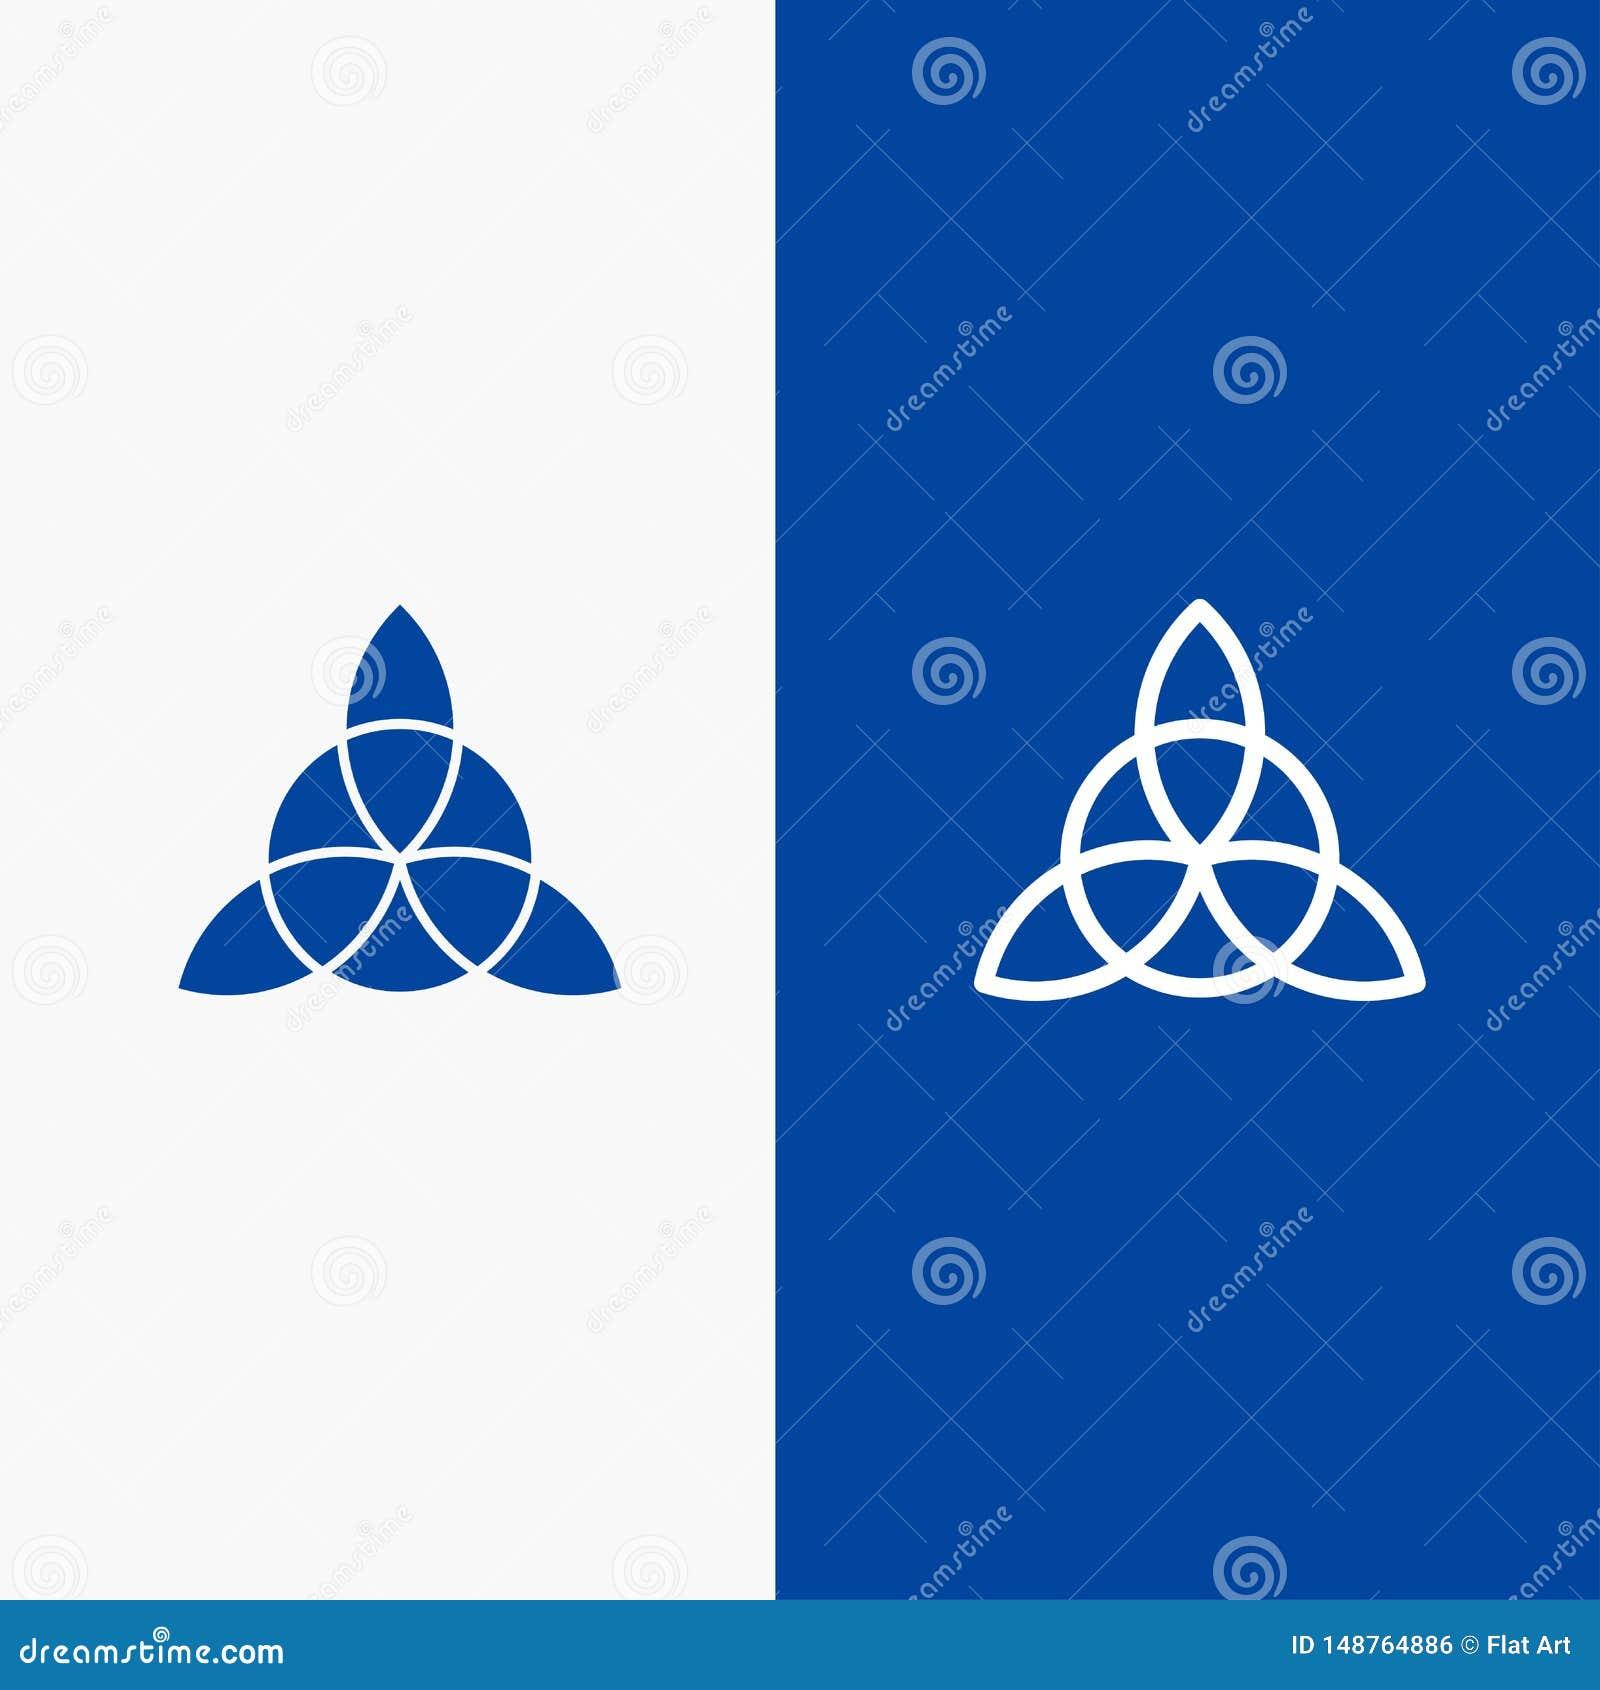 凯尔特人、爱尔兰、花线和纵的沟纹坚实象蓝色旗和纵的沟纹坚实象蓝色横幅